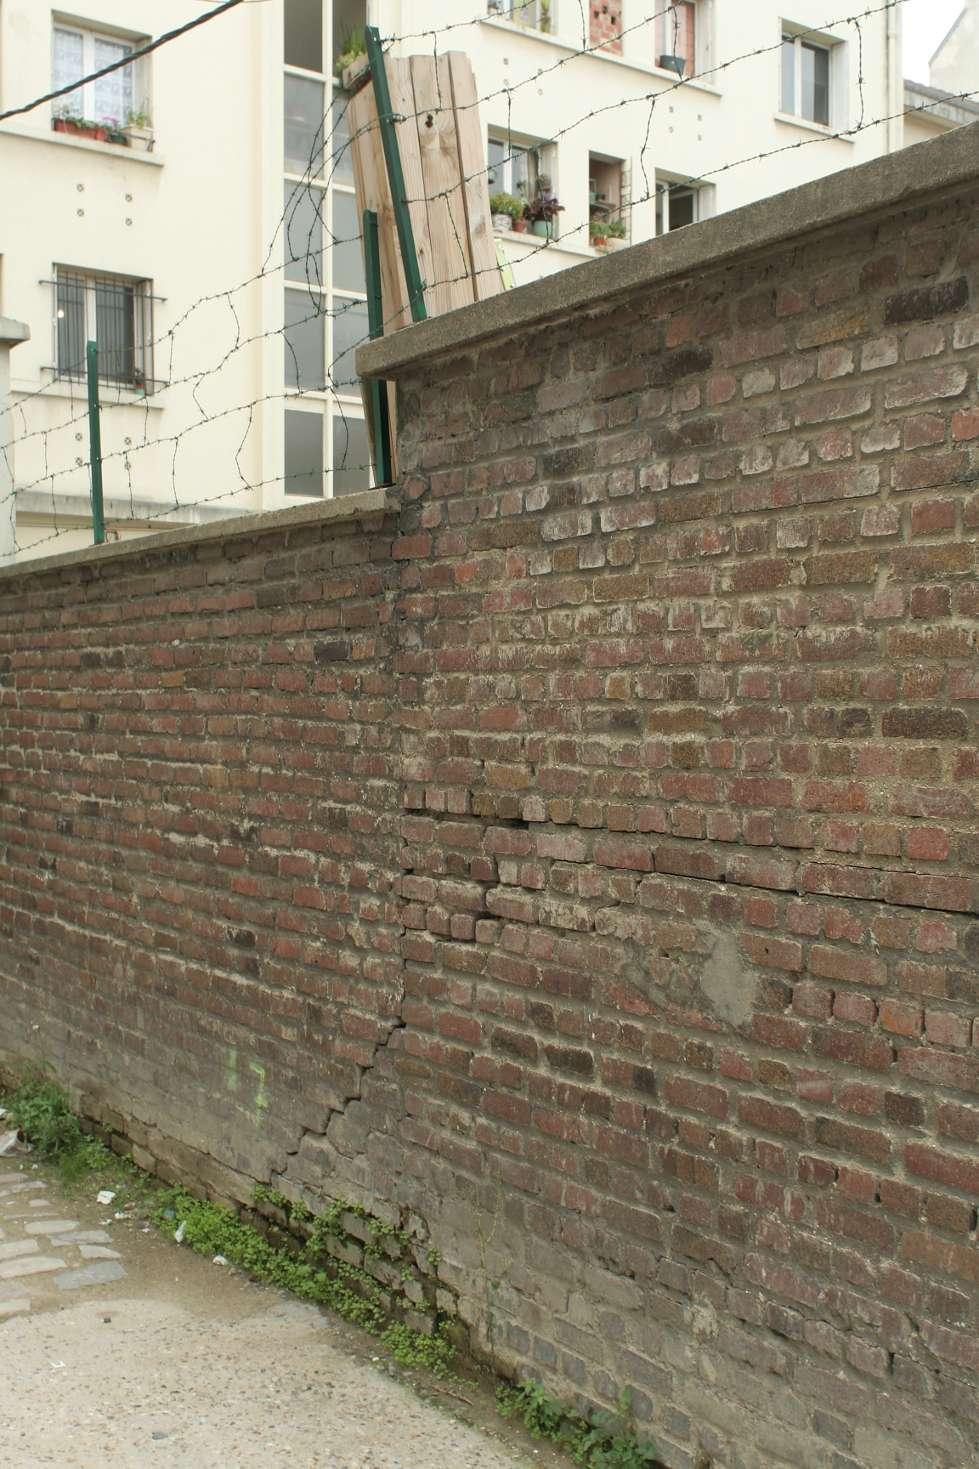 Un mur est un élément vertical et solide destiné à dissocier différents espaces. © Coyau, CC BY-SA 3.0, Wikimedia Commons